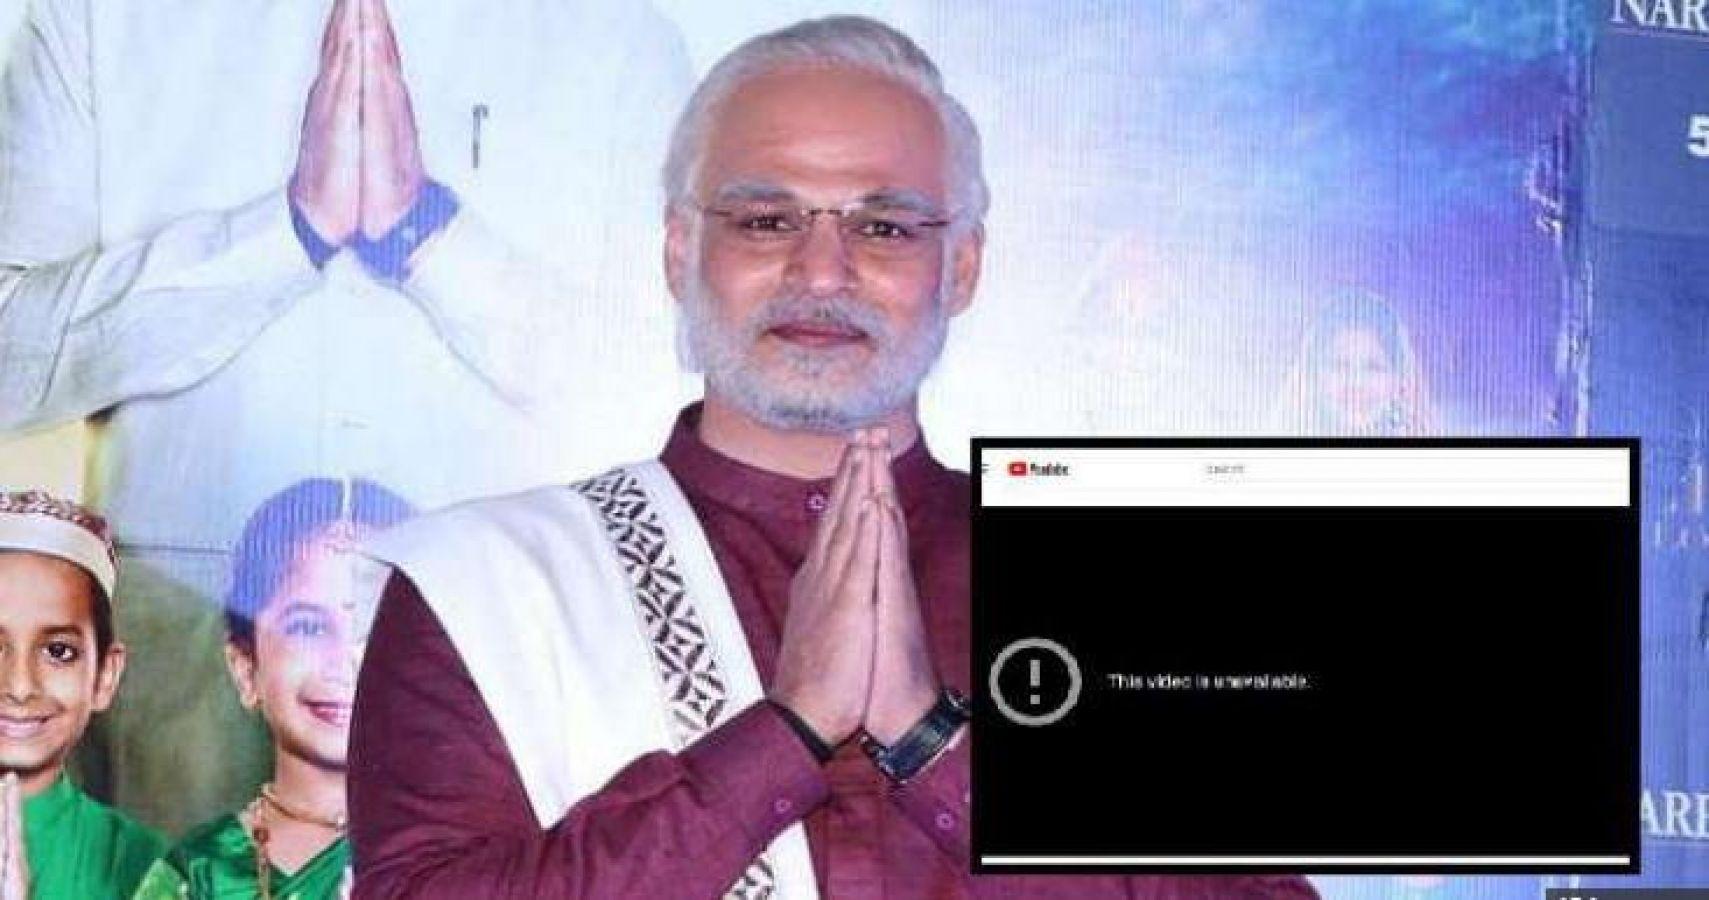 PM Modi biopic : यूट्यूब से हटा विवेक ओबेरॉय की फिल्म का ट्रेलर